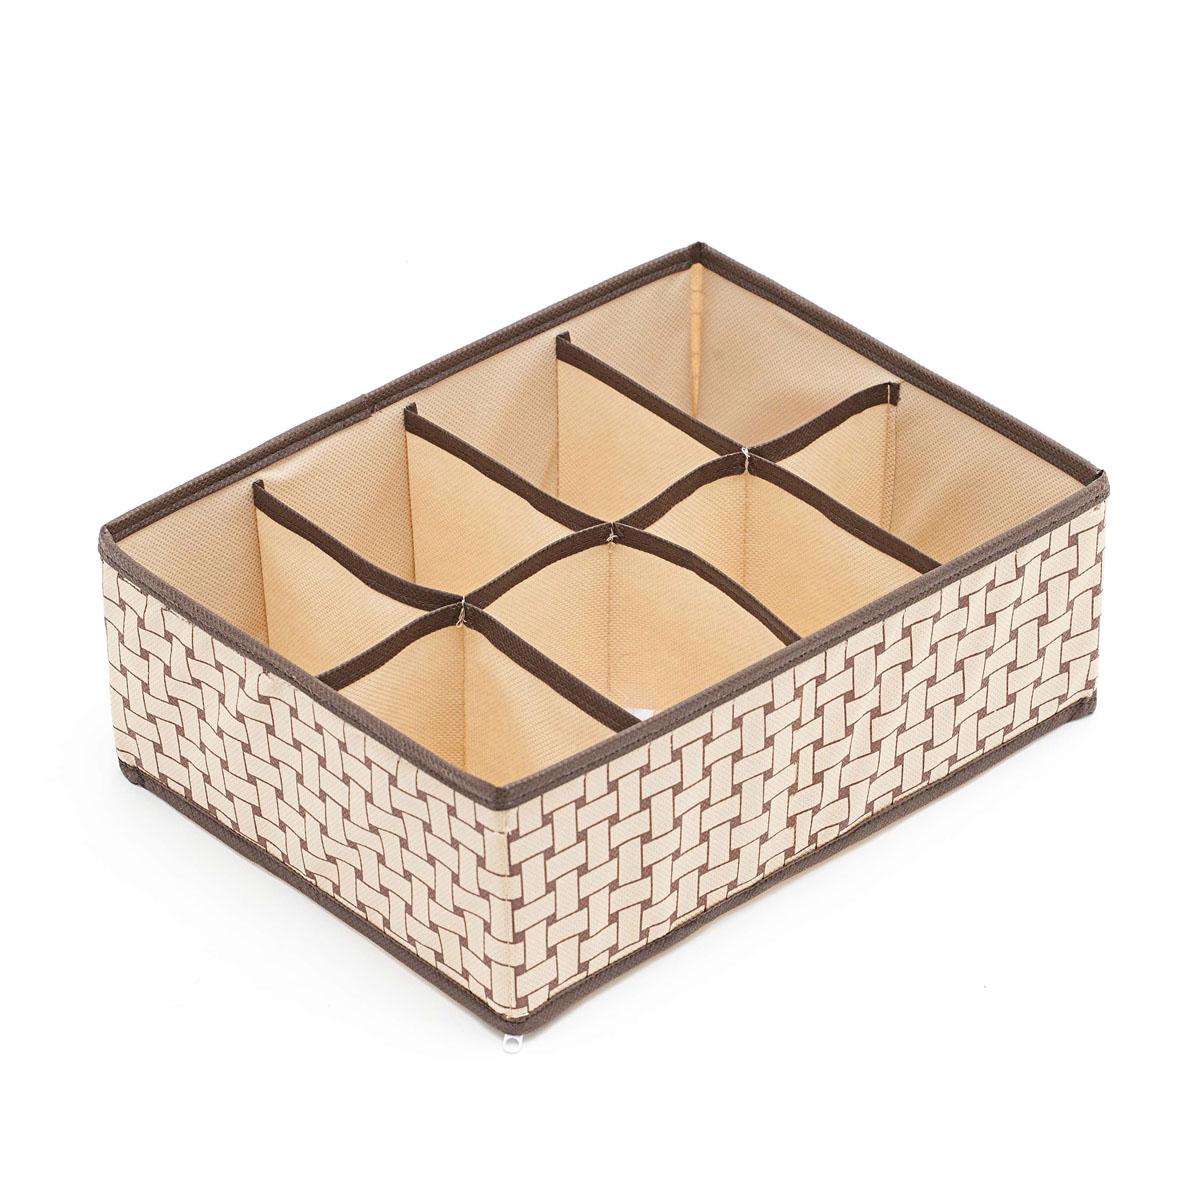 Органайзер для хранения вещей Homsu Pletenka, 8 секций, 31 х 24 х 11 смHOM-160Компактный органайзер Homsu Pletenka изготовлен из высококачественного полиэстера, который обеспечивает естественную вентиляцию. Материал позволяет воздуху свободно проникать внутрь, но не пропускает пыль. Органайзер отлично держит форму, благодаря вставкам из плотного картона. Изделие имеет 8 квадратных секций для хранения нижнего белья, колготок, носков и другой одежды. Такой органайзер позволит вам хранить вещи компактно и удобно.